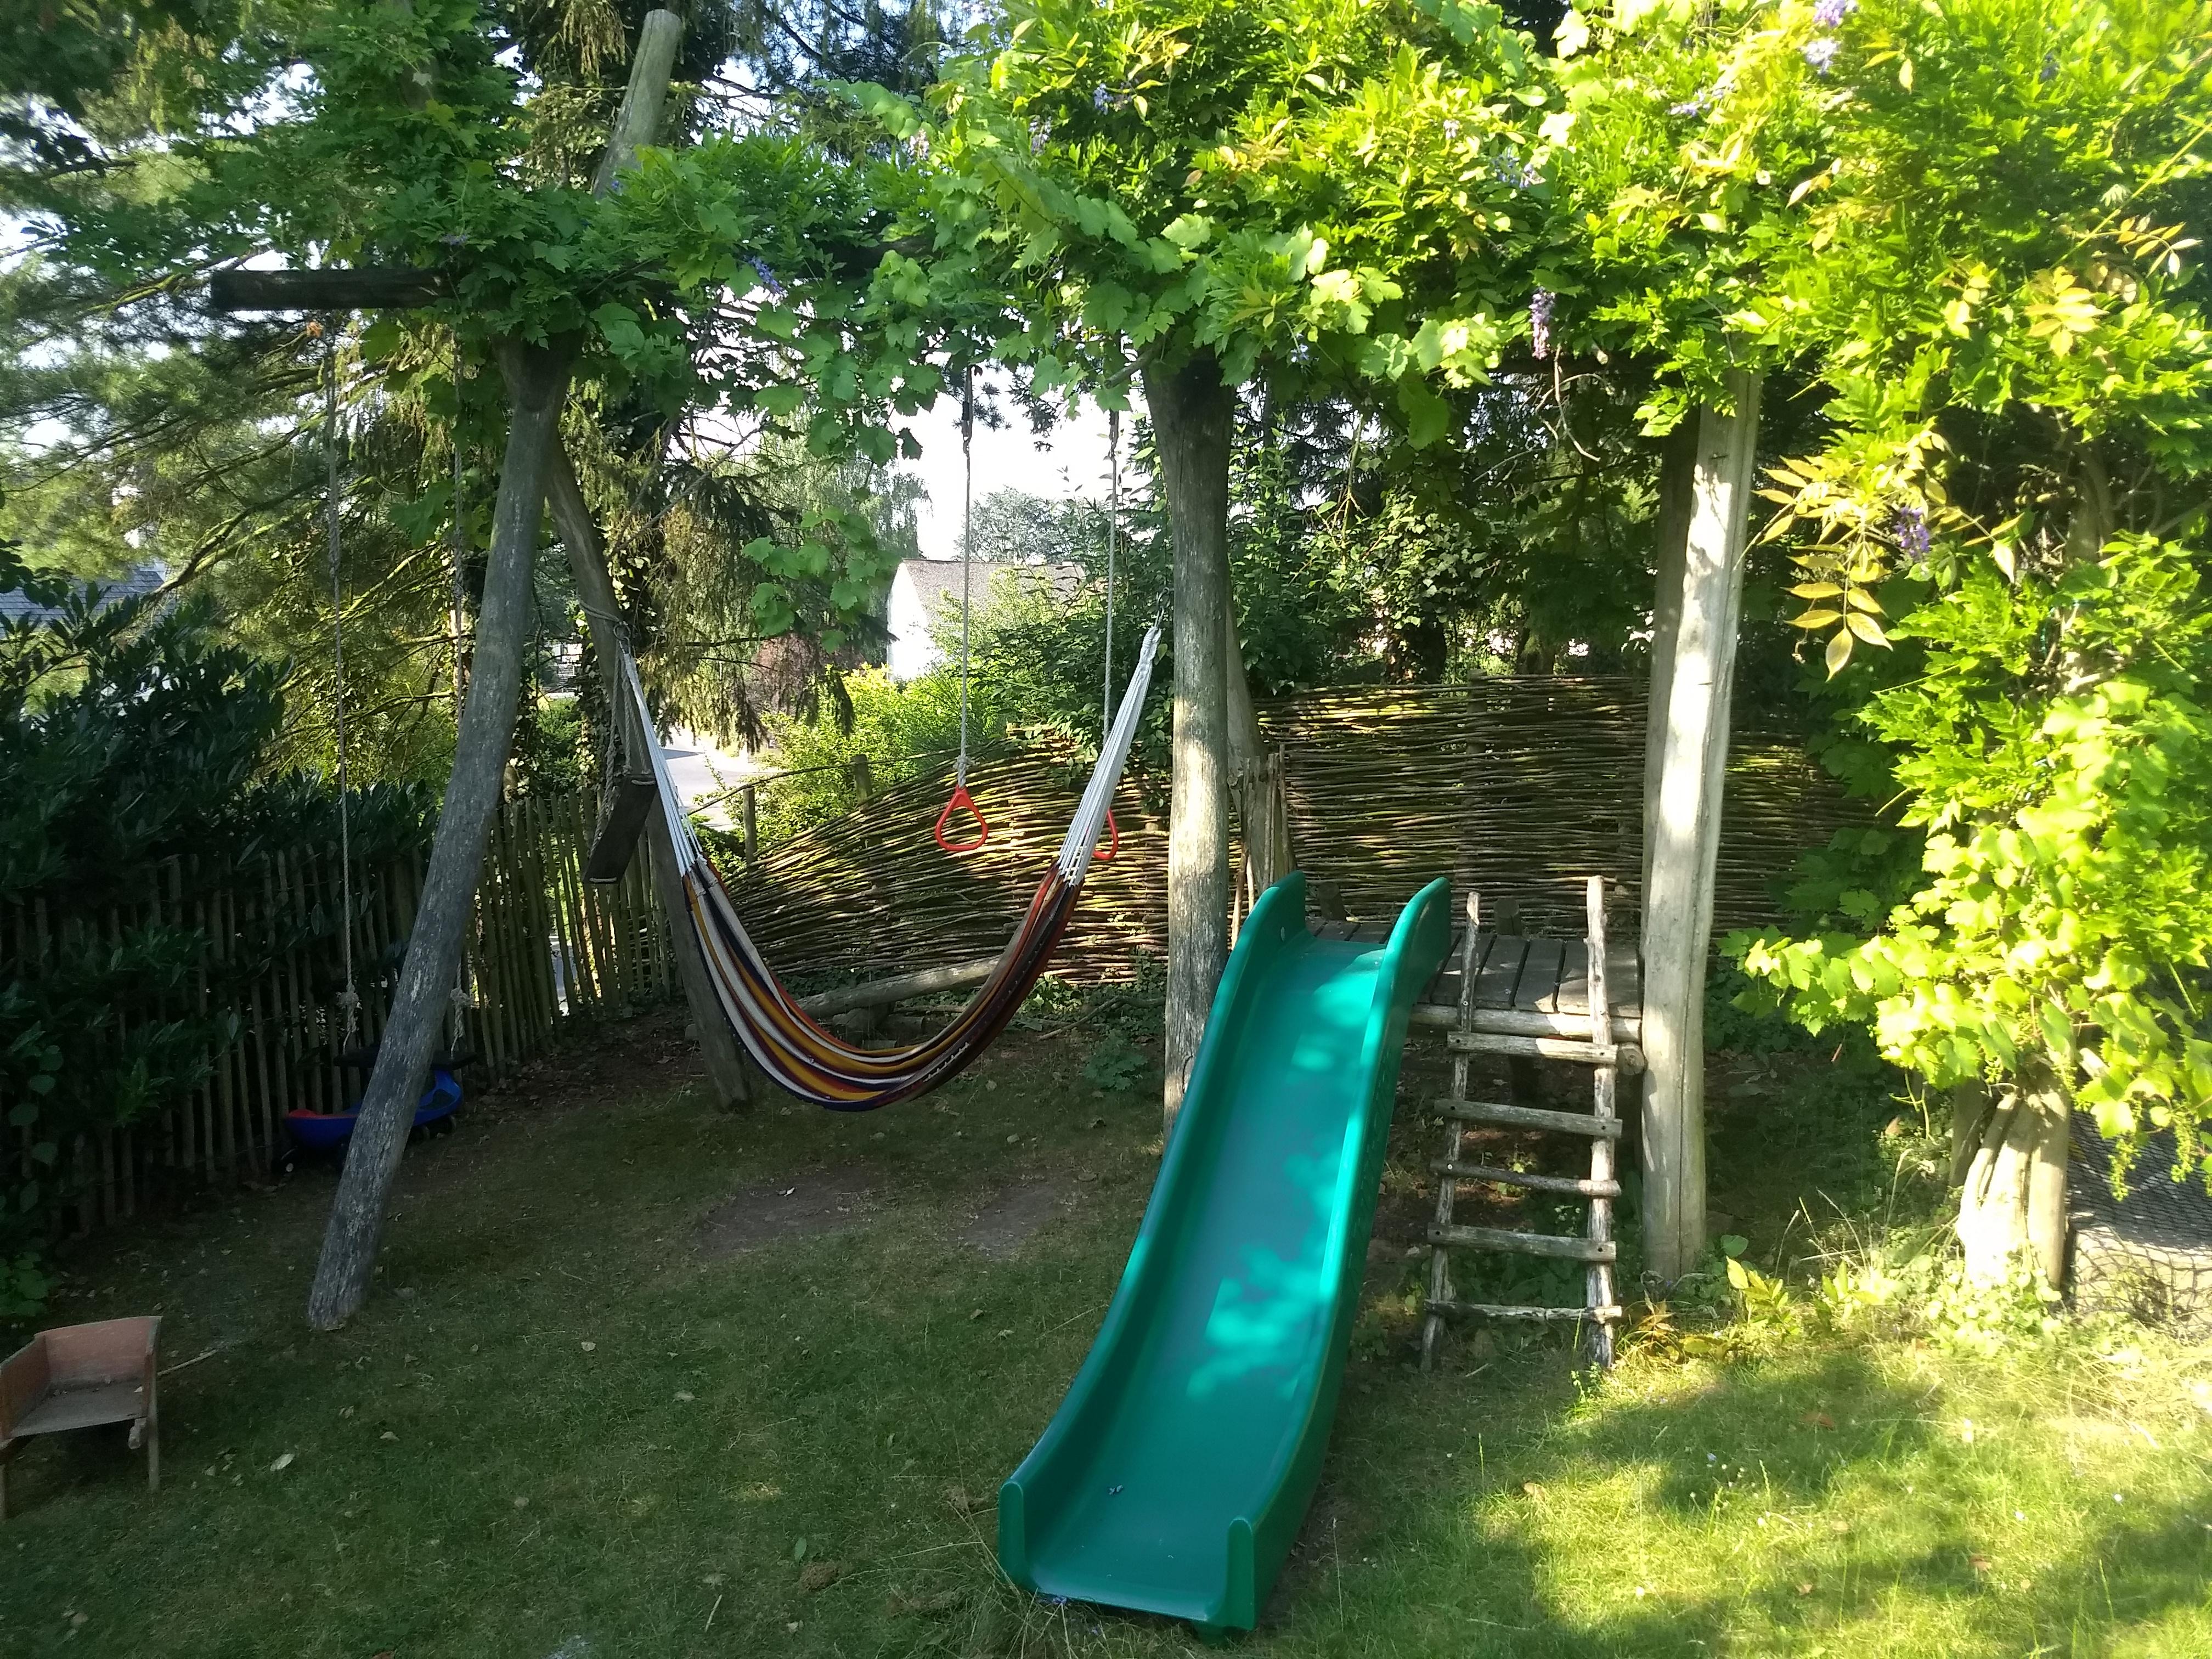 Swing, slide and sandpit